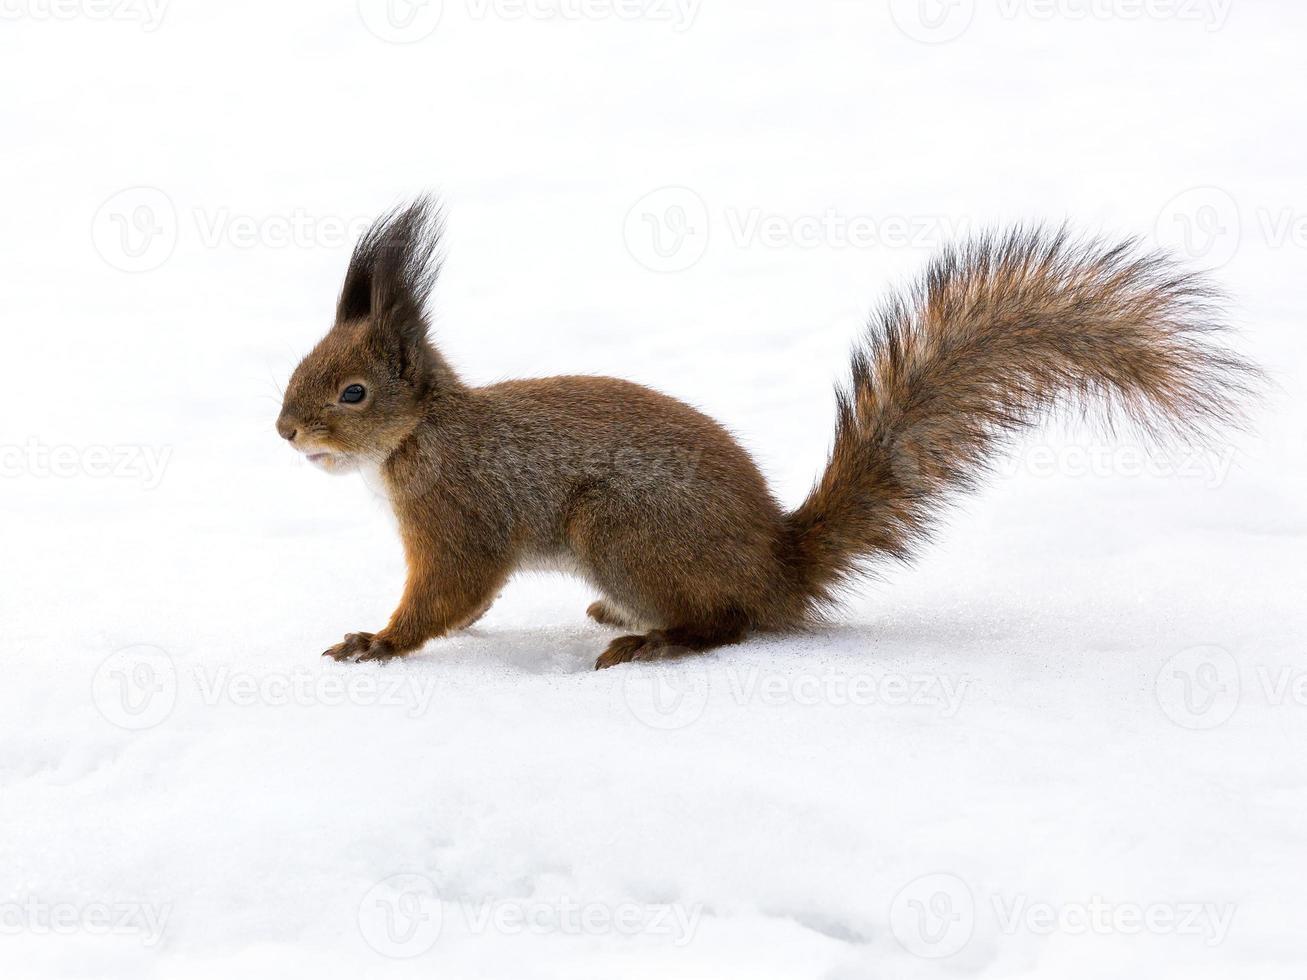 süßes rotes Eichhörnchen auf Schnee foto